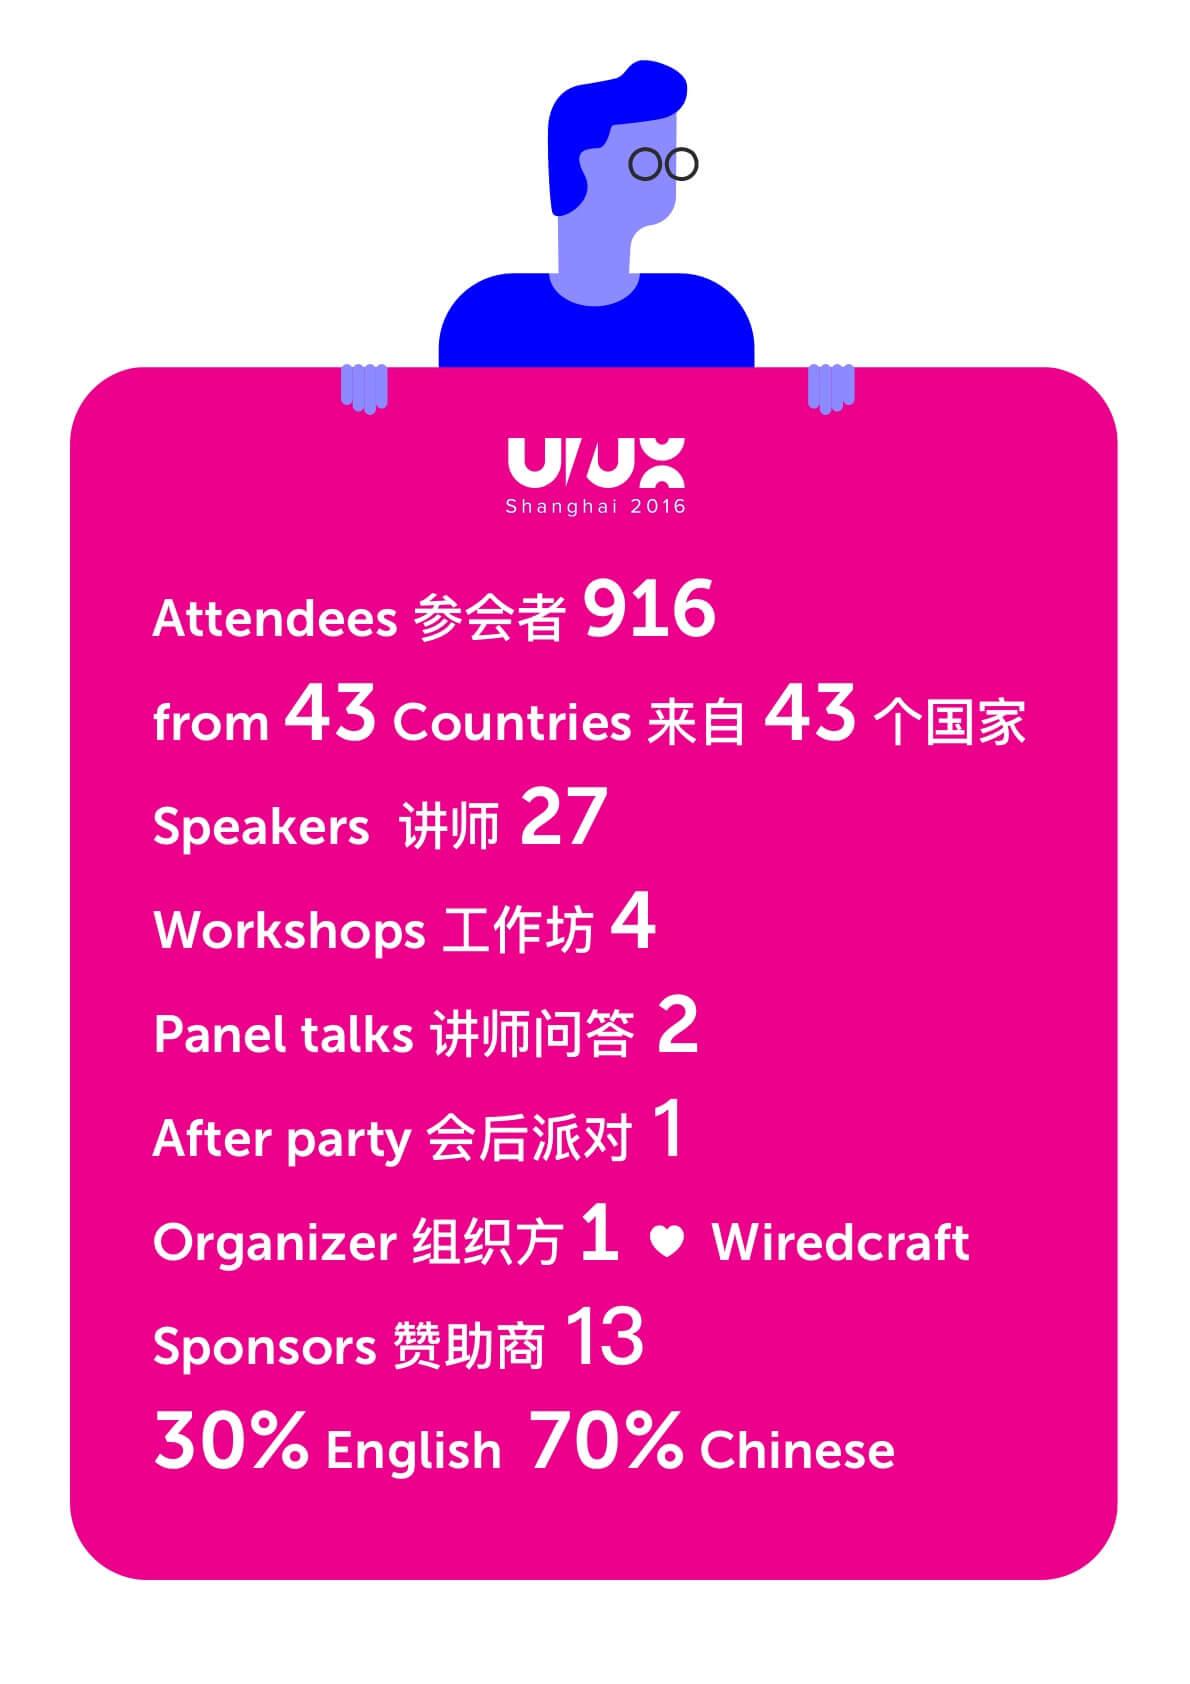 数字下的2016UI/UX大会.